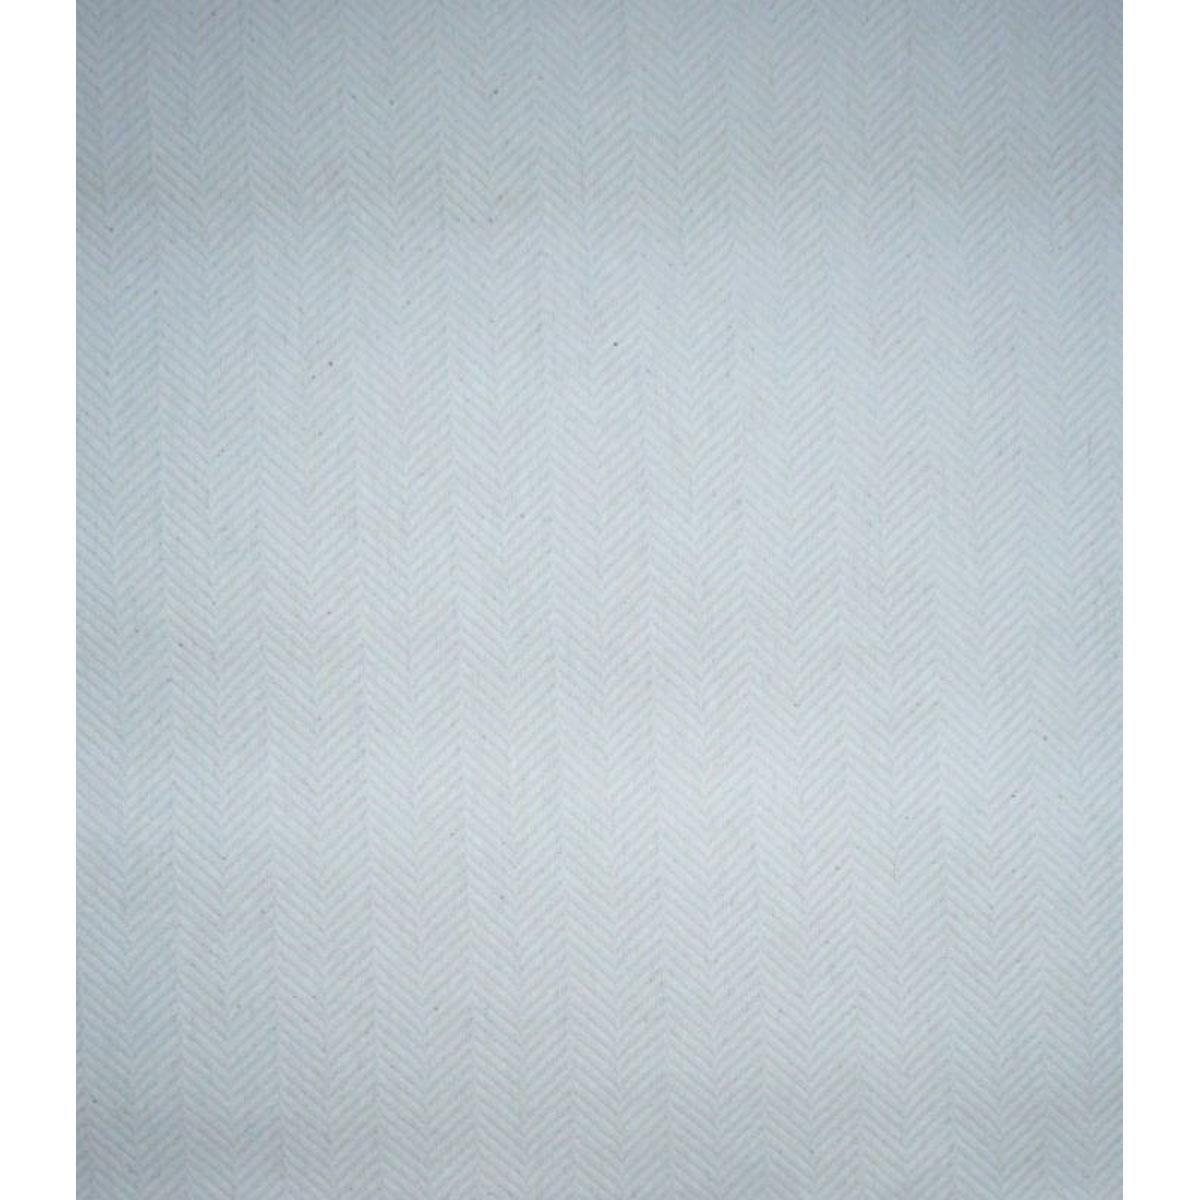 Tissu à tissage chevrons - Ecru - 2.8 m